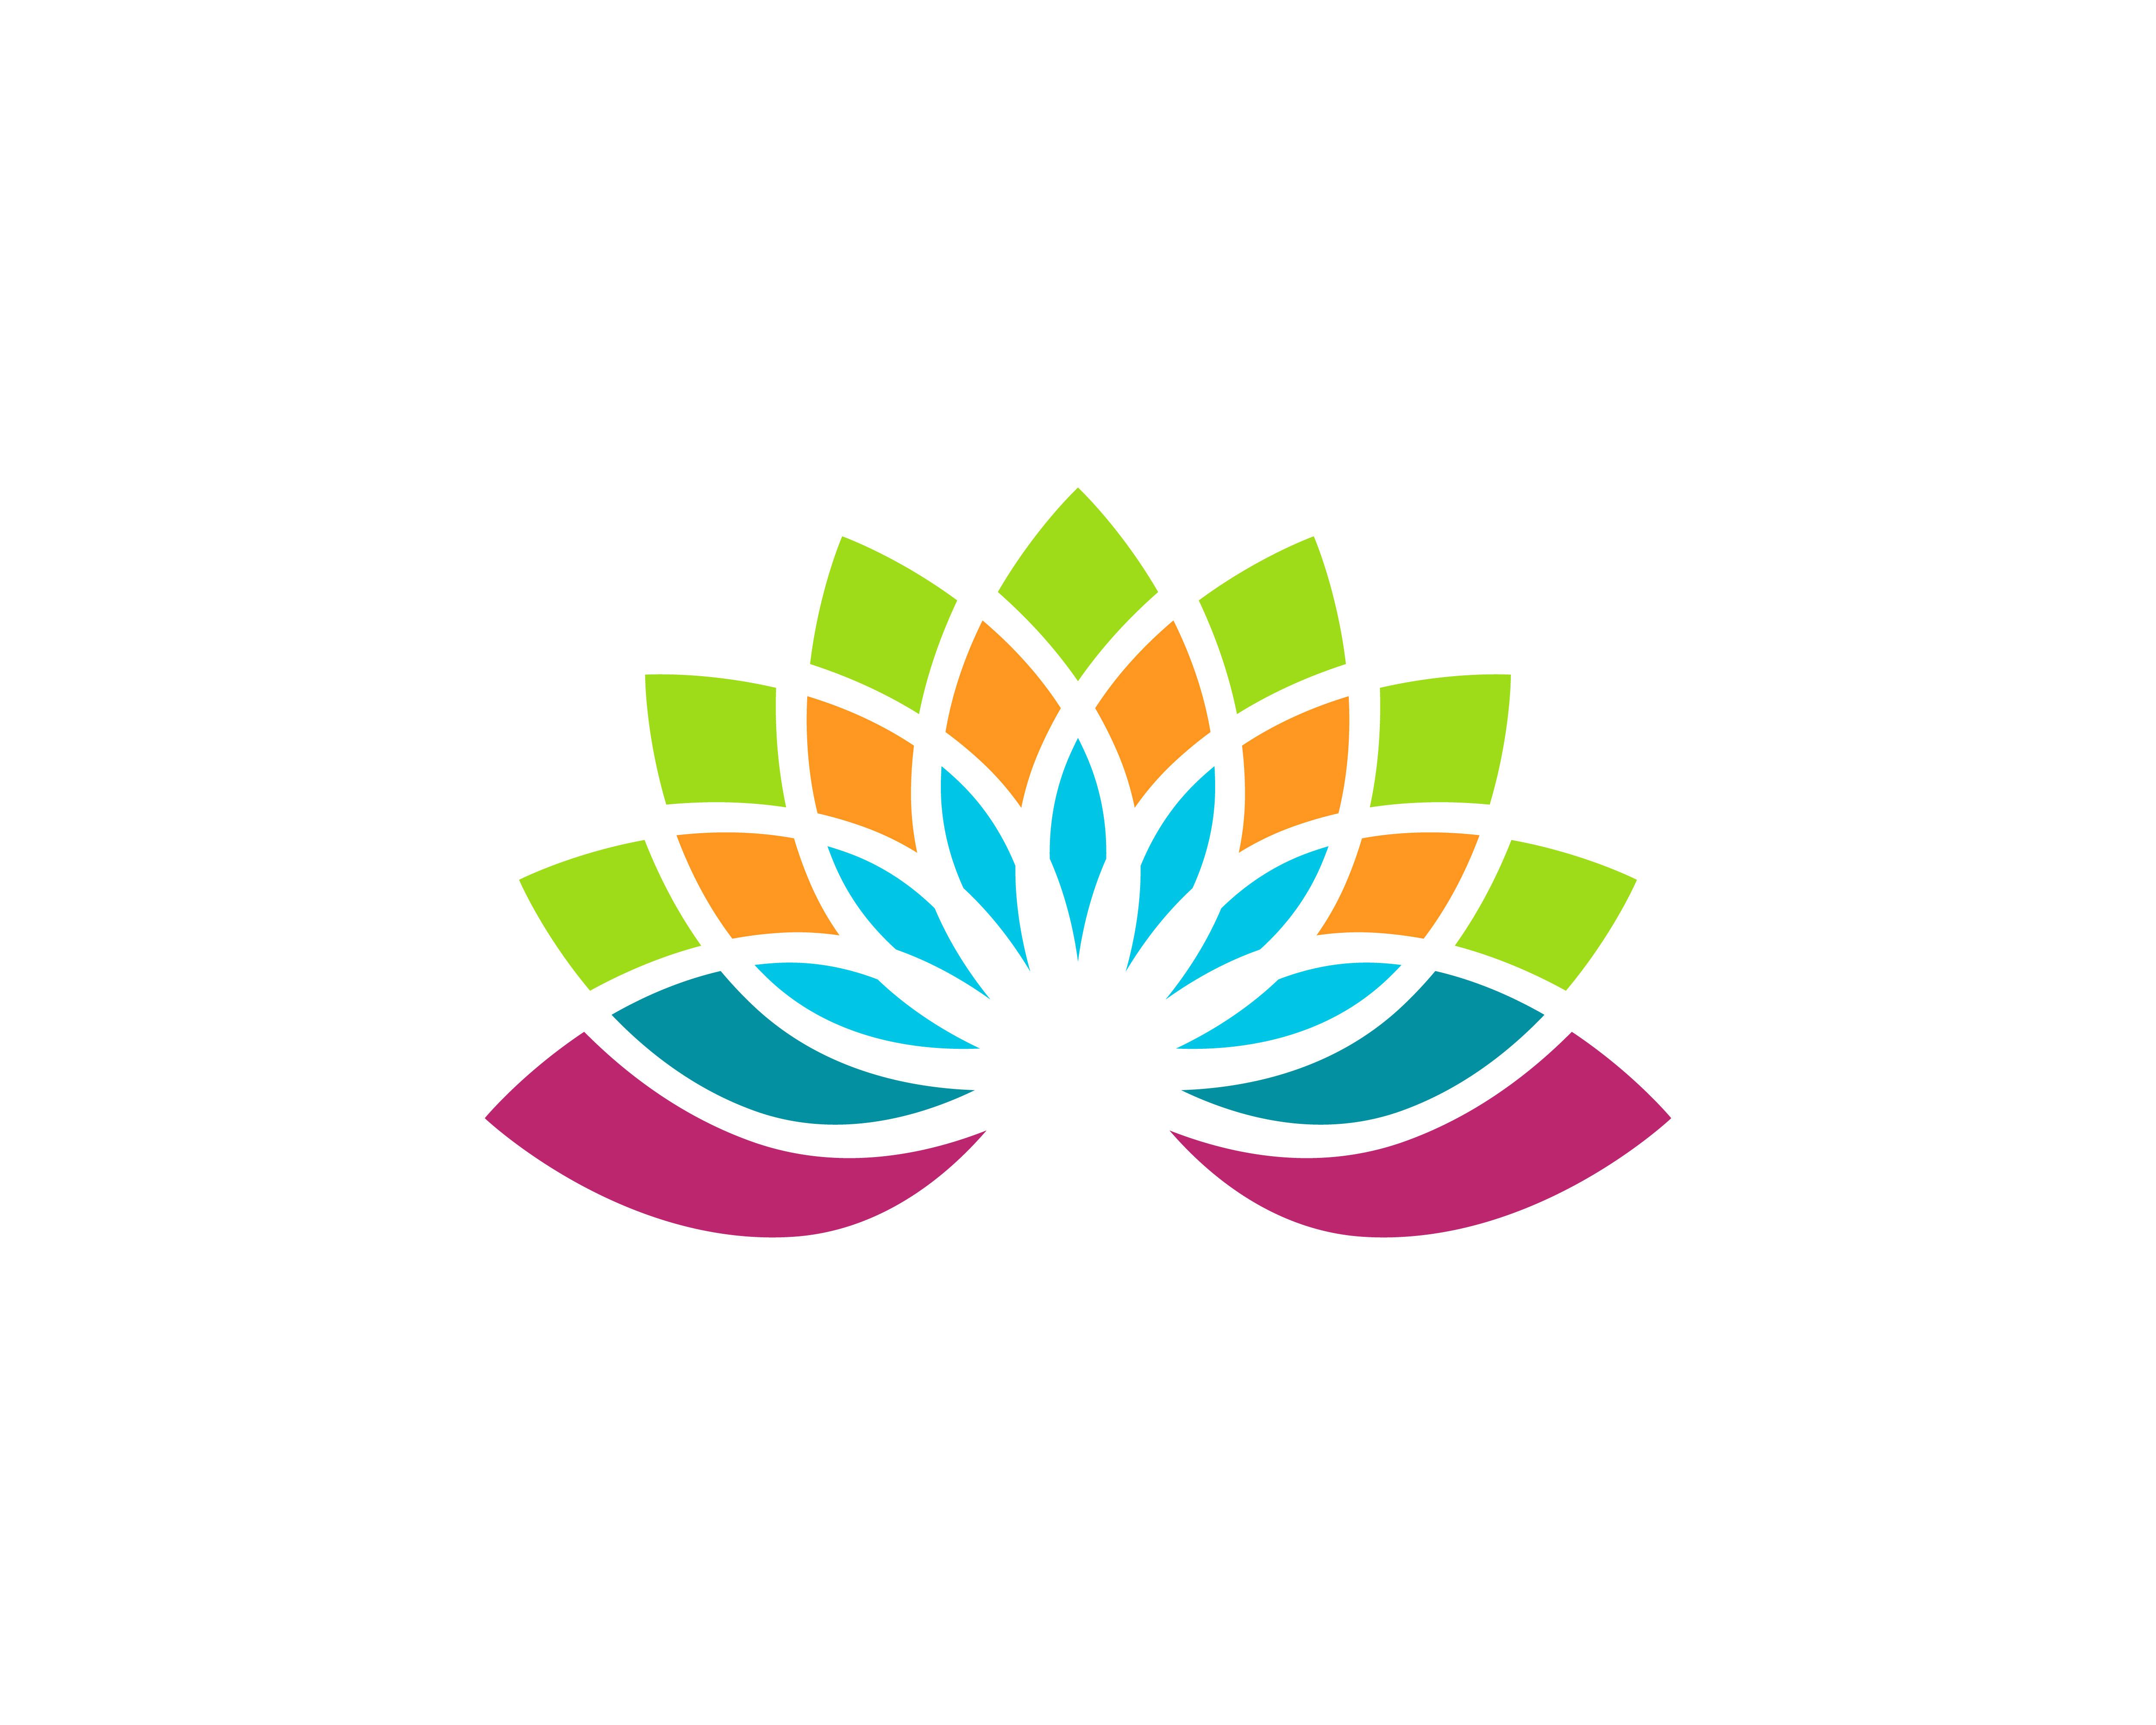 蓮花logo 免費下載   天天瘋後製